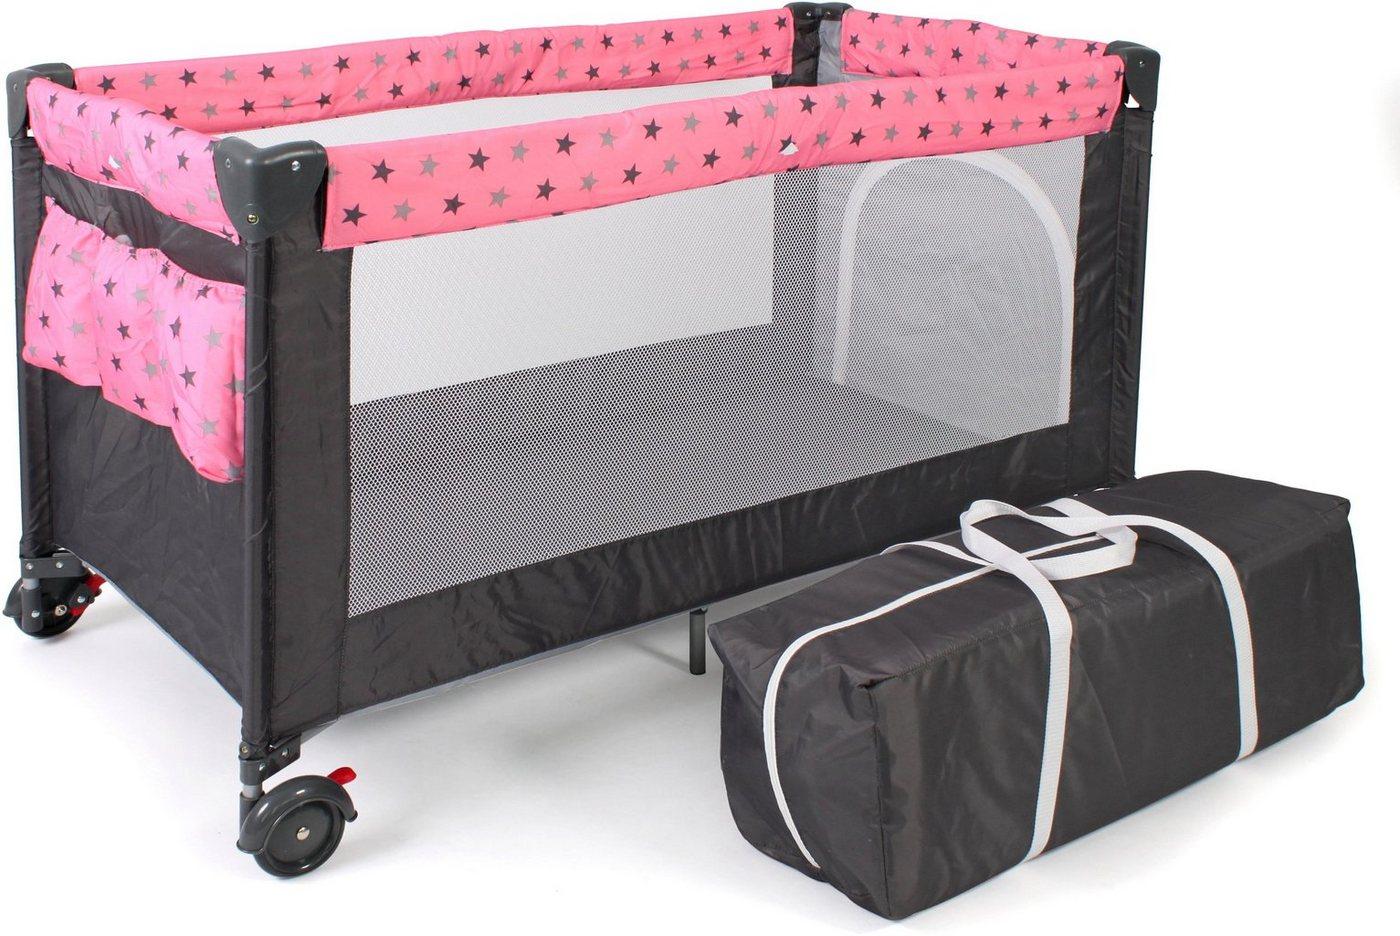 Babybetten - CHIC4BABY Baby Reisebett »Luxus, pink«  - Onlineshop OTTO